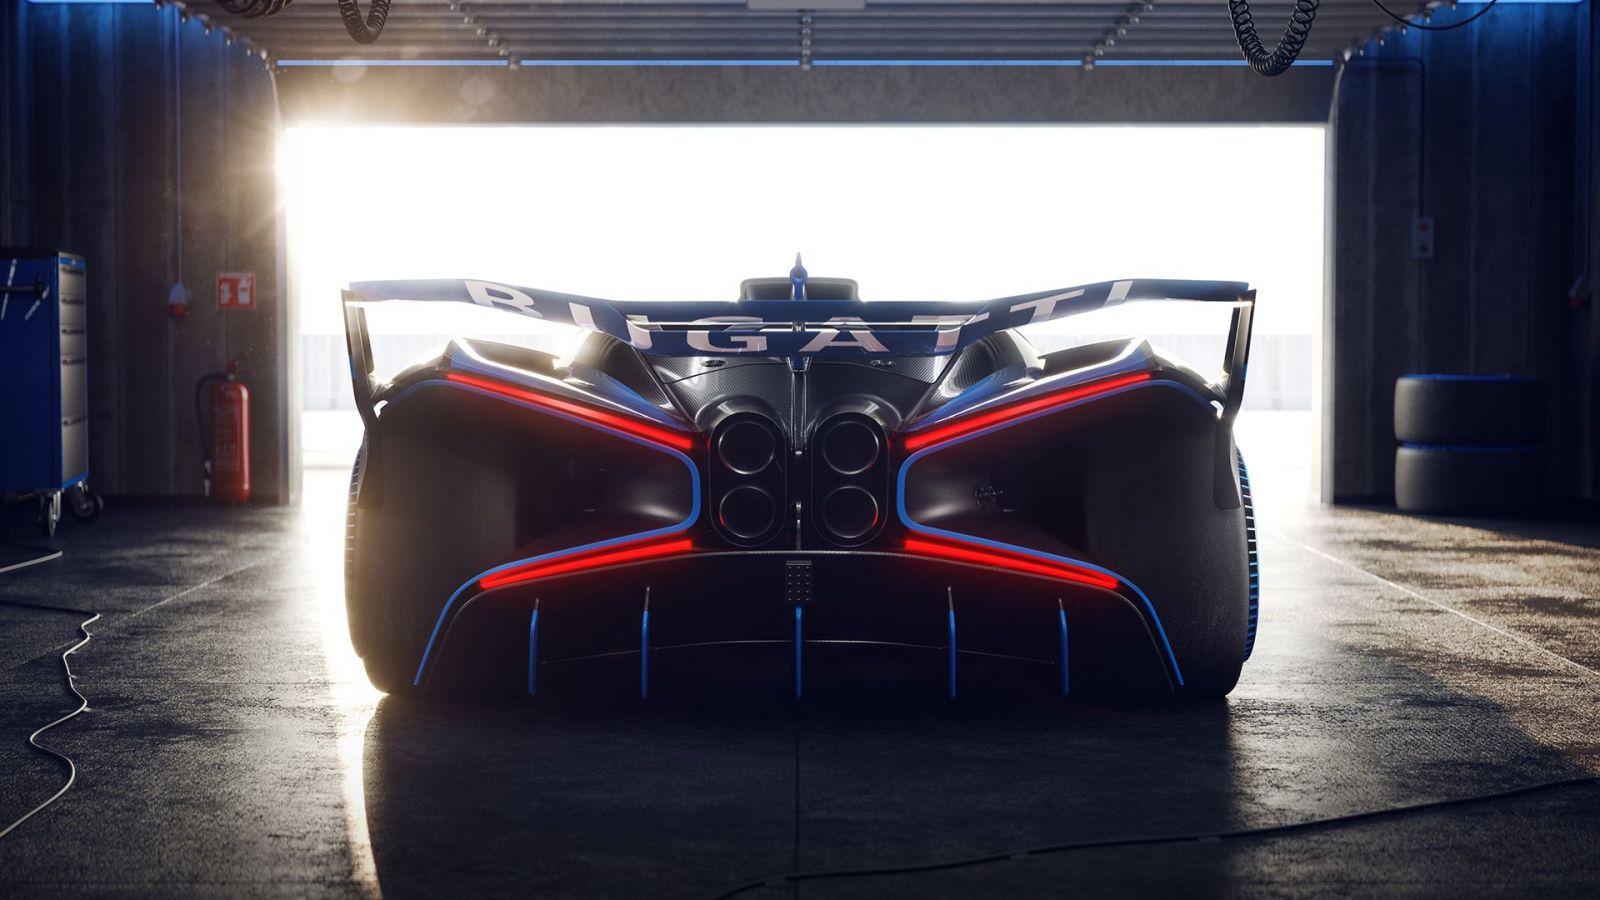 1 850 koní, 1 240 kg a akcelerácia z 0-500 km/h za 20 sekúnd! Zoznám sa s najextrémnejším Bugatti histórie